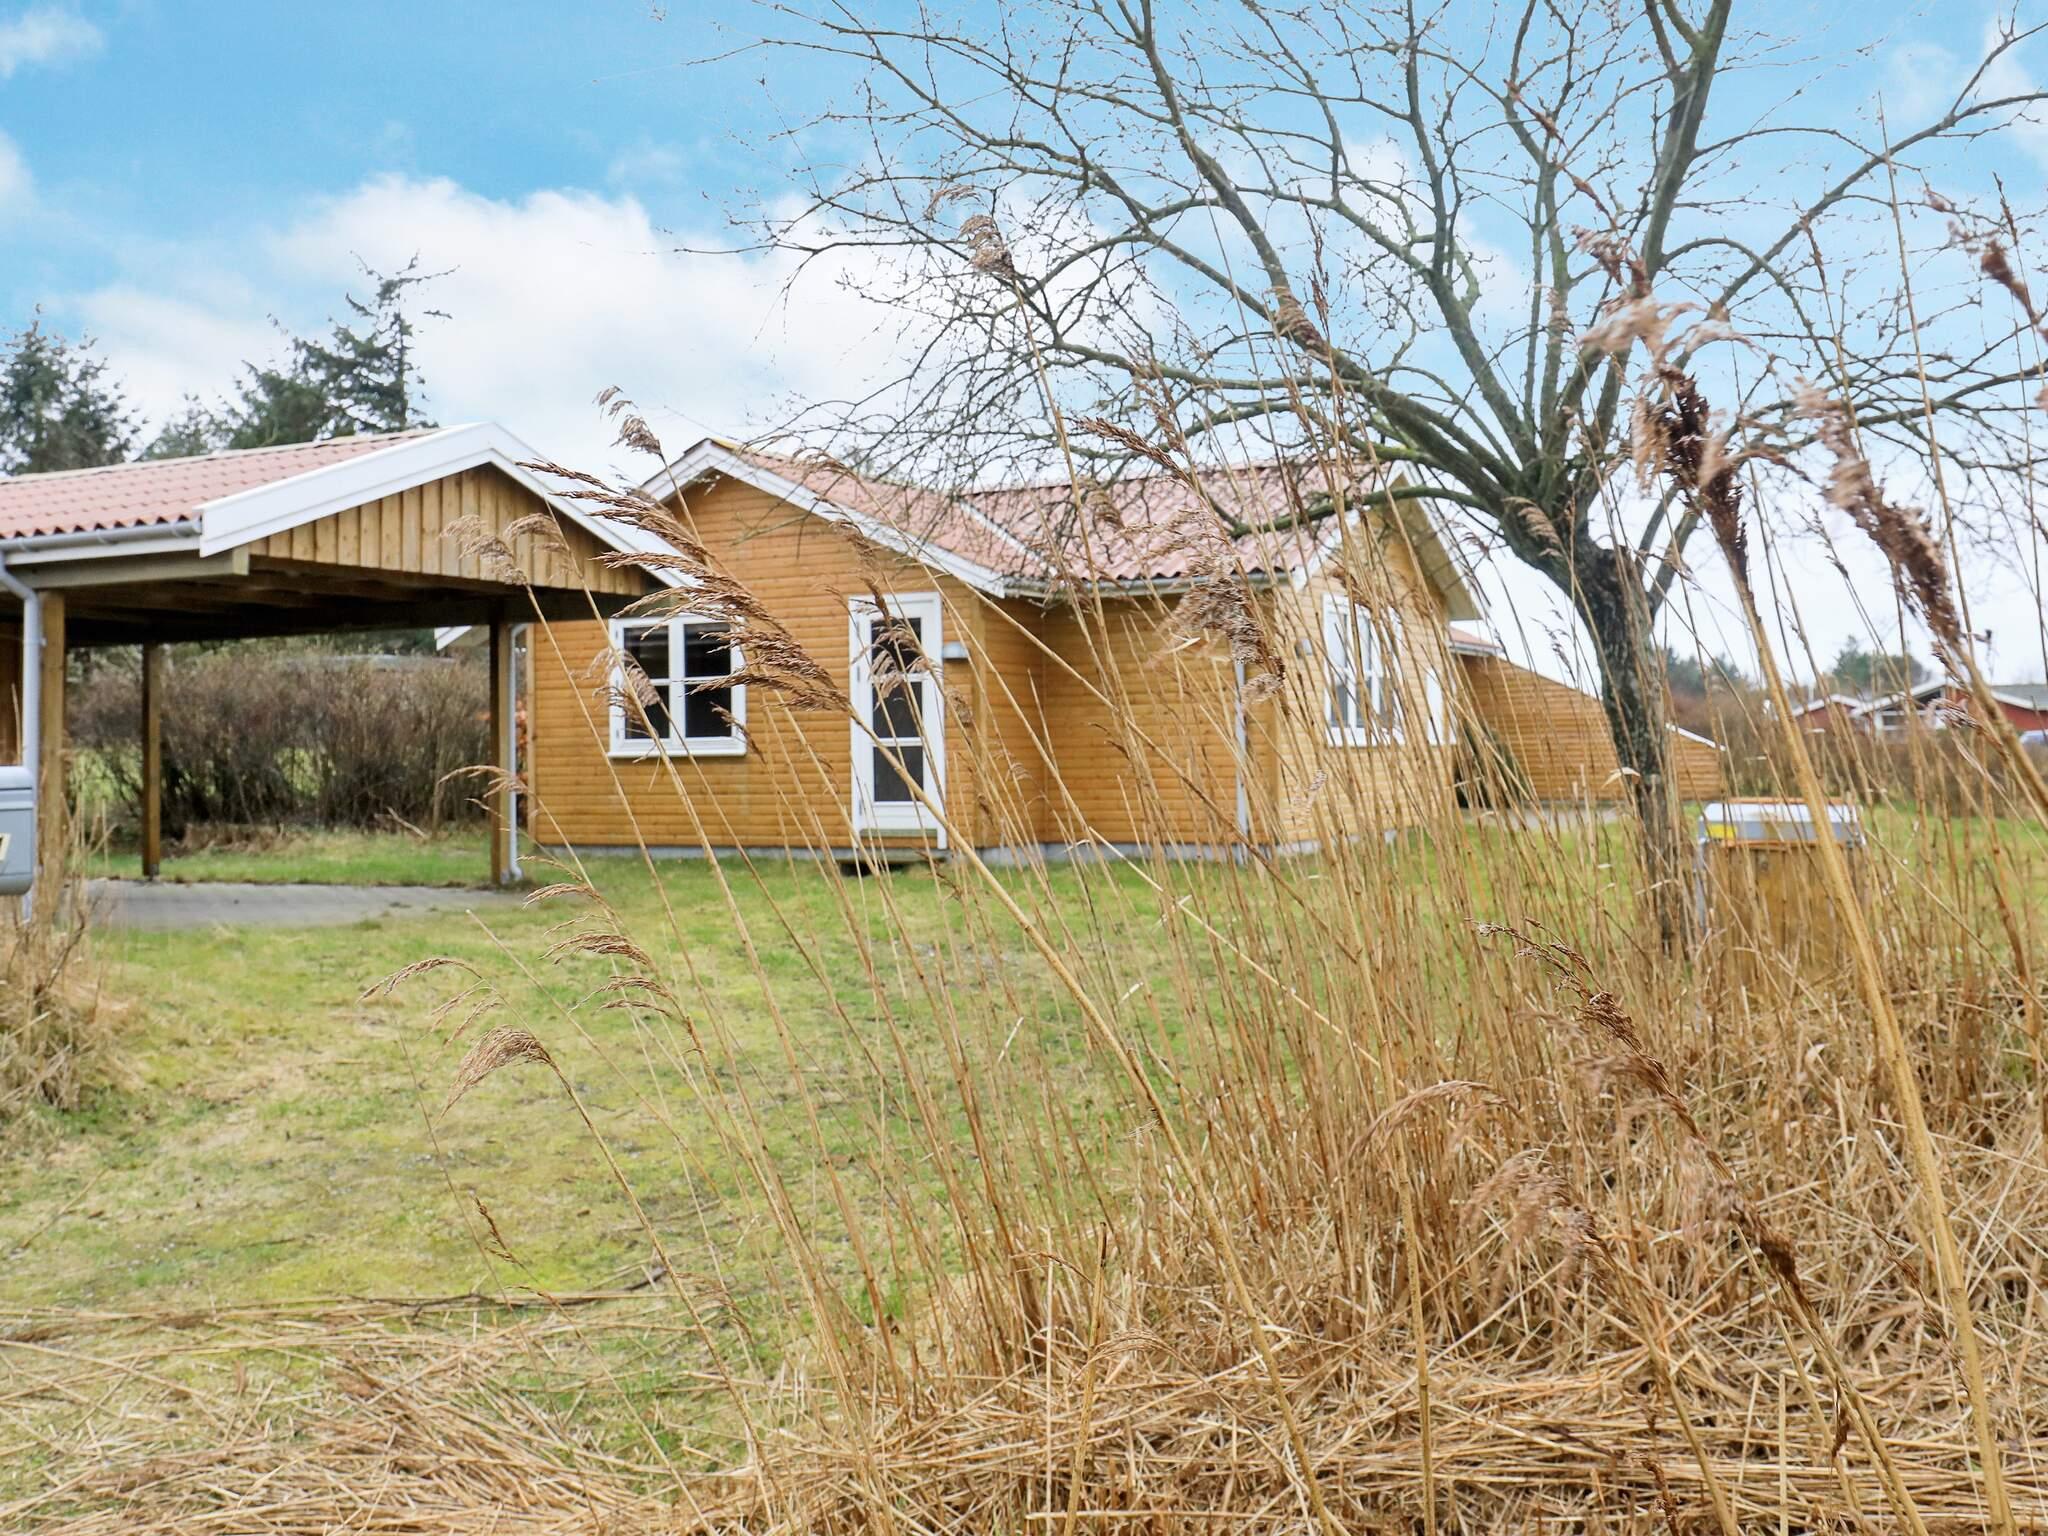 Ferienhaus Kjul Strand (2595175), Hirtshals, , Nordwestjütland, Dänemark, Bild 13